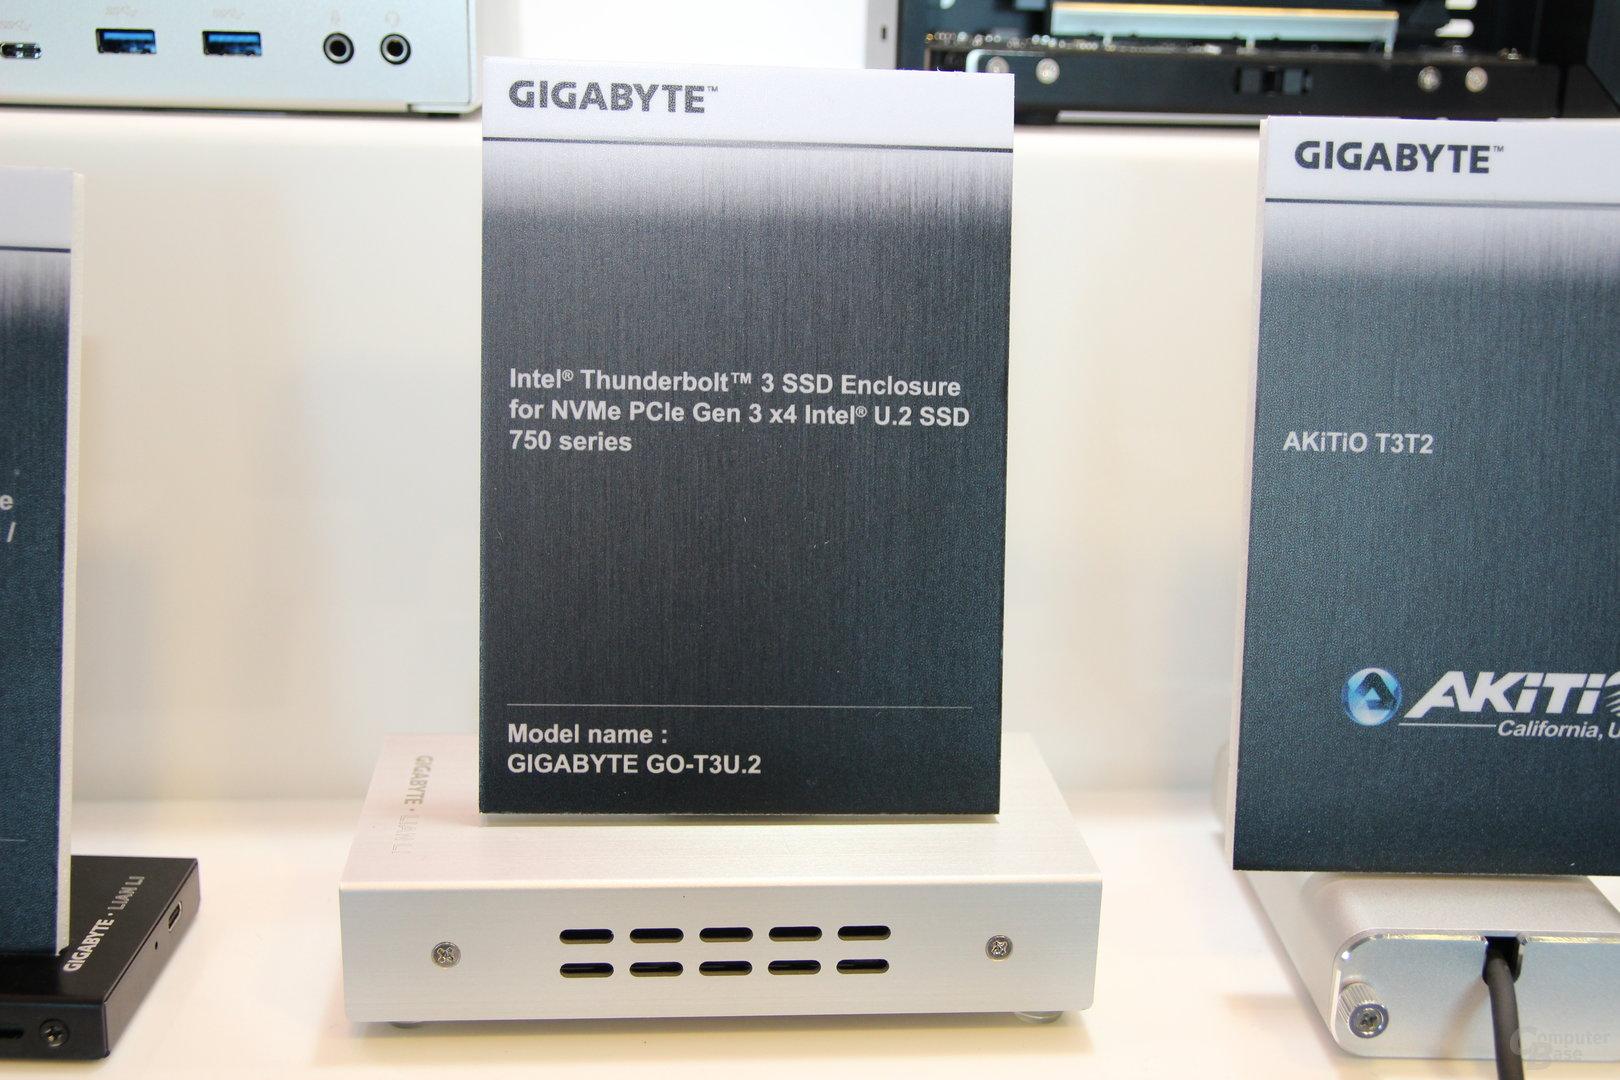 Für Intels 750 SSD gibt es ebenfalls ein Gehäuse mit Thunderbolt 3